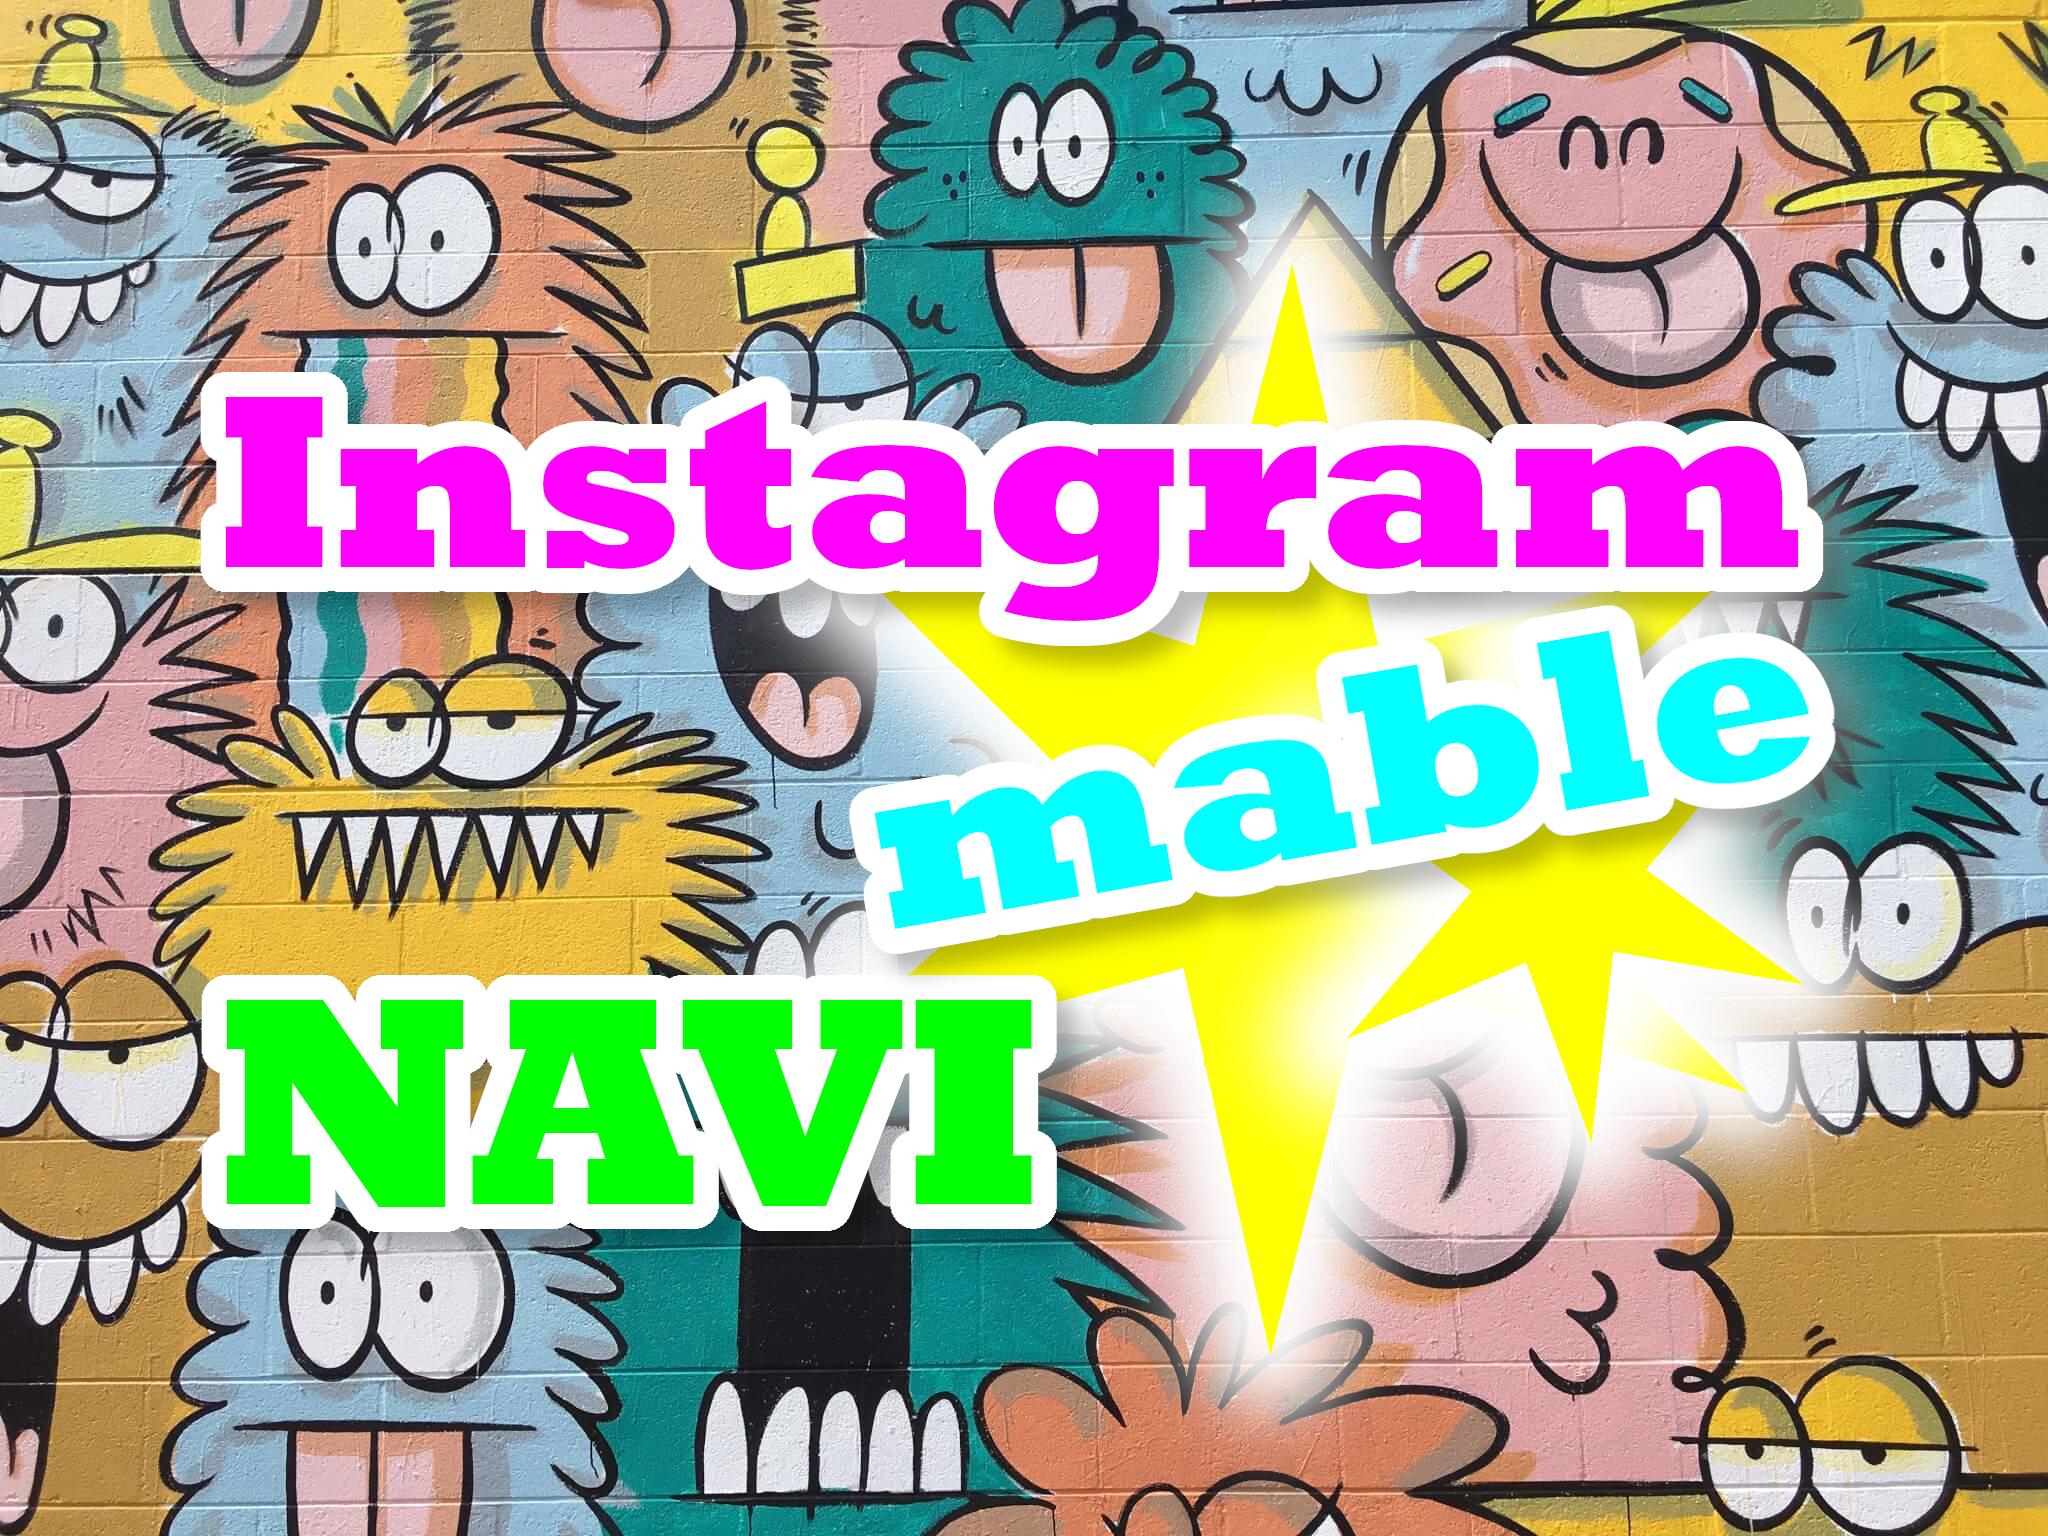 Instagrammable NAVI